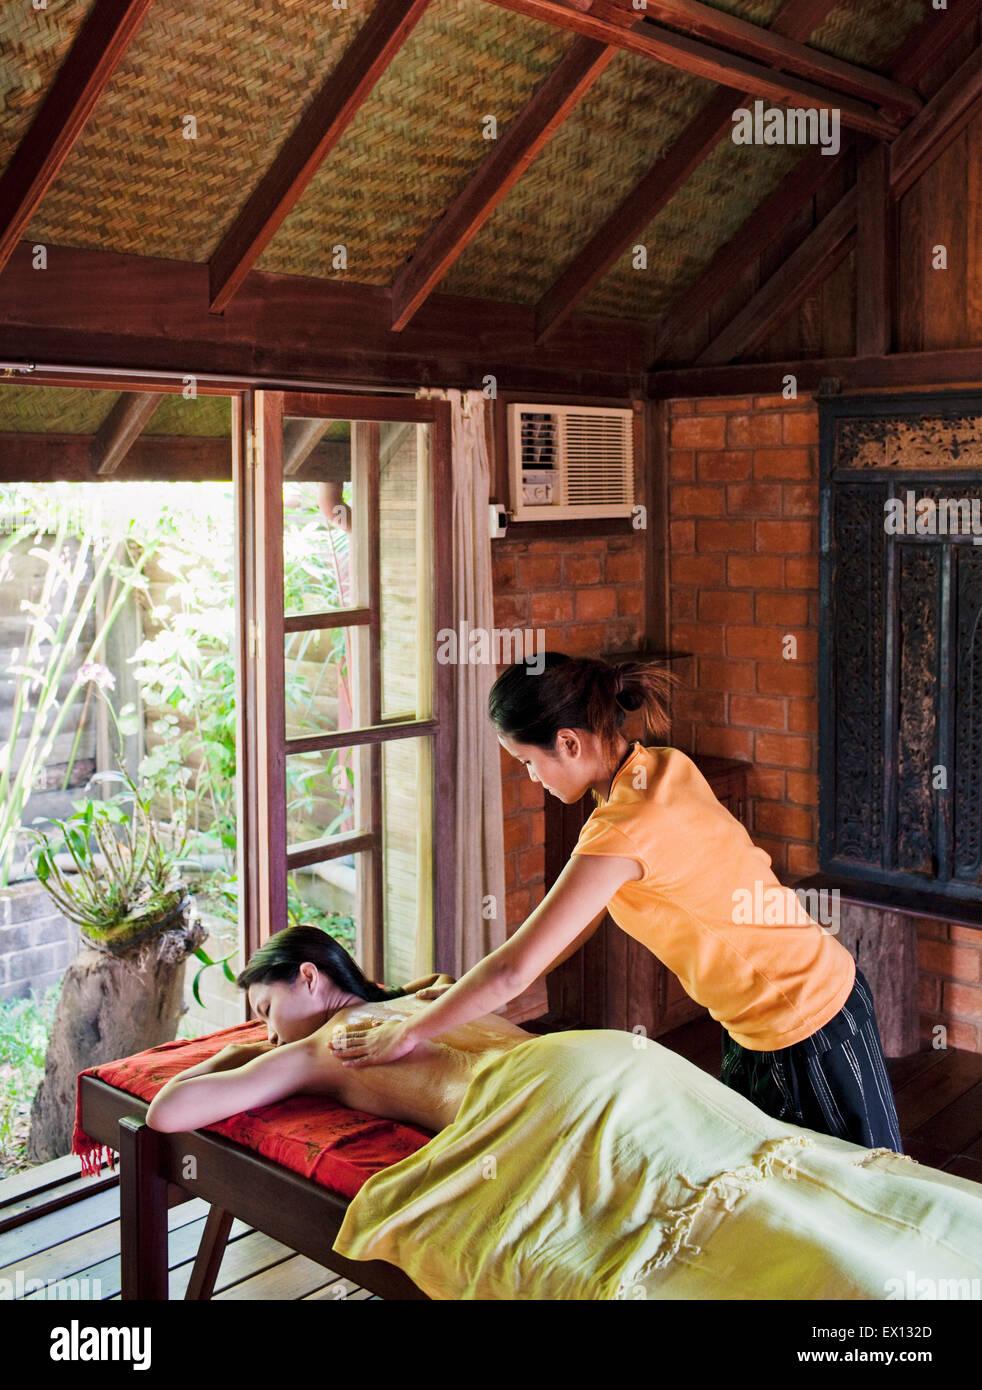 Papaya Stock Photos & Papaya Stock Images - Alamy